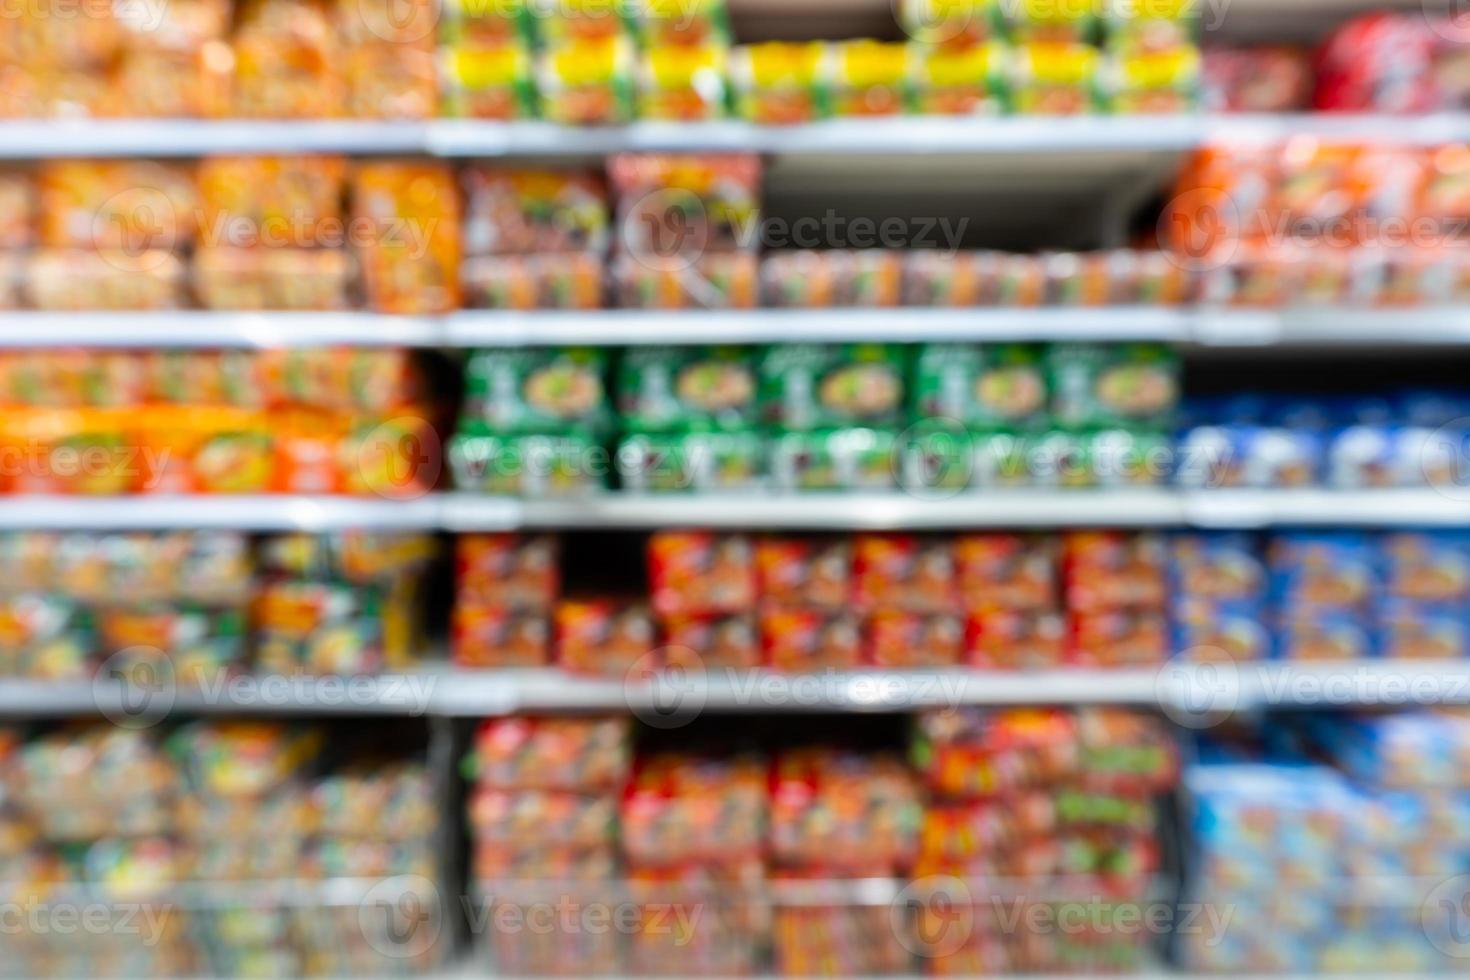 wazig schappen in de supermarkt foto